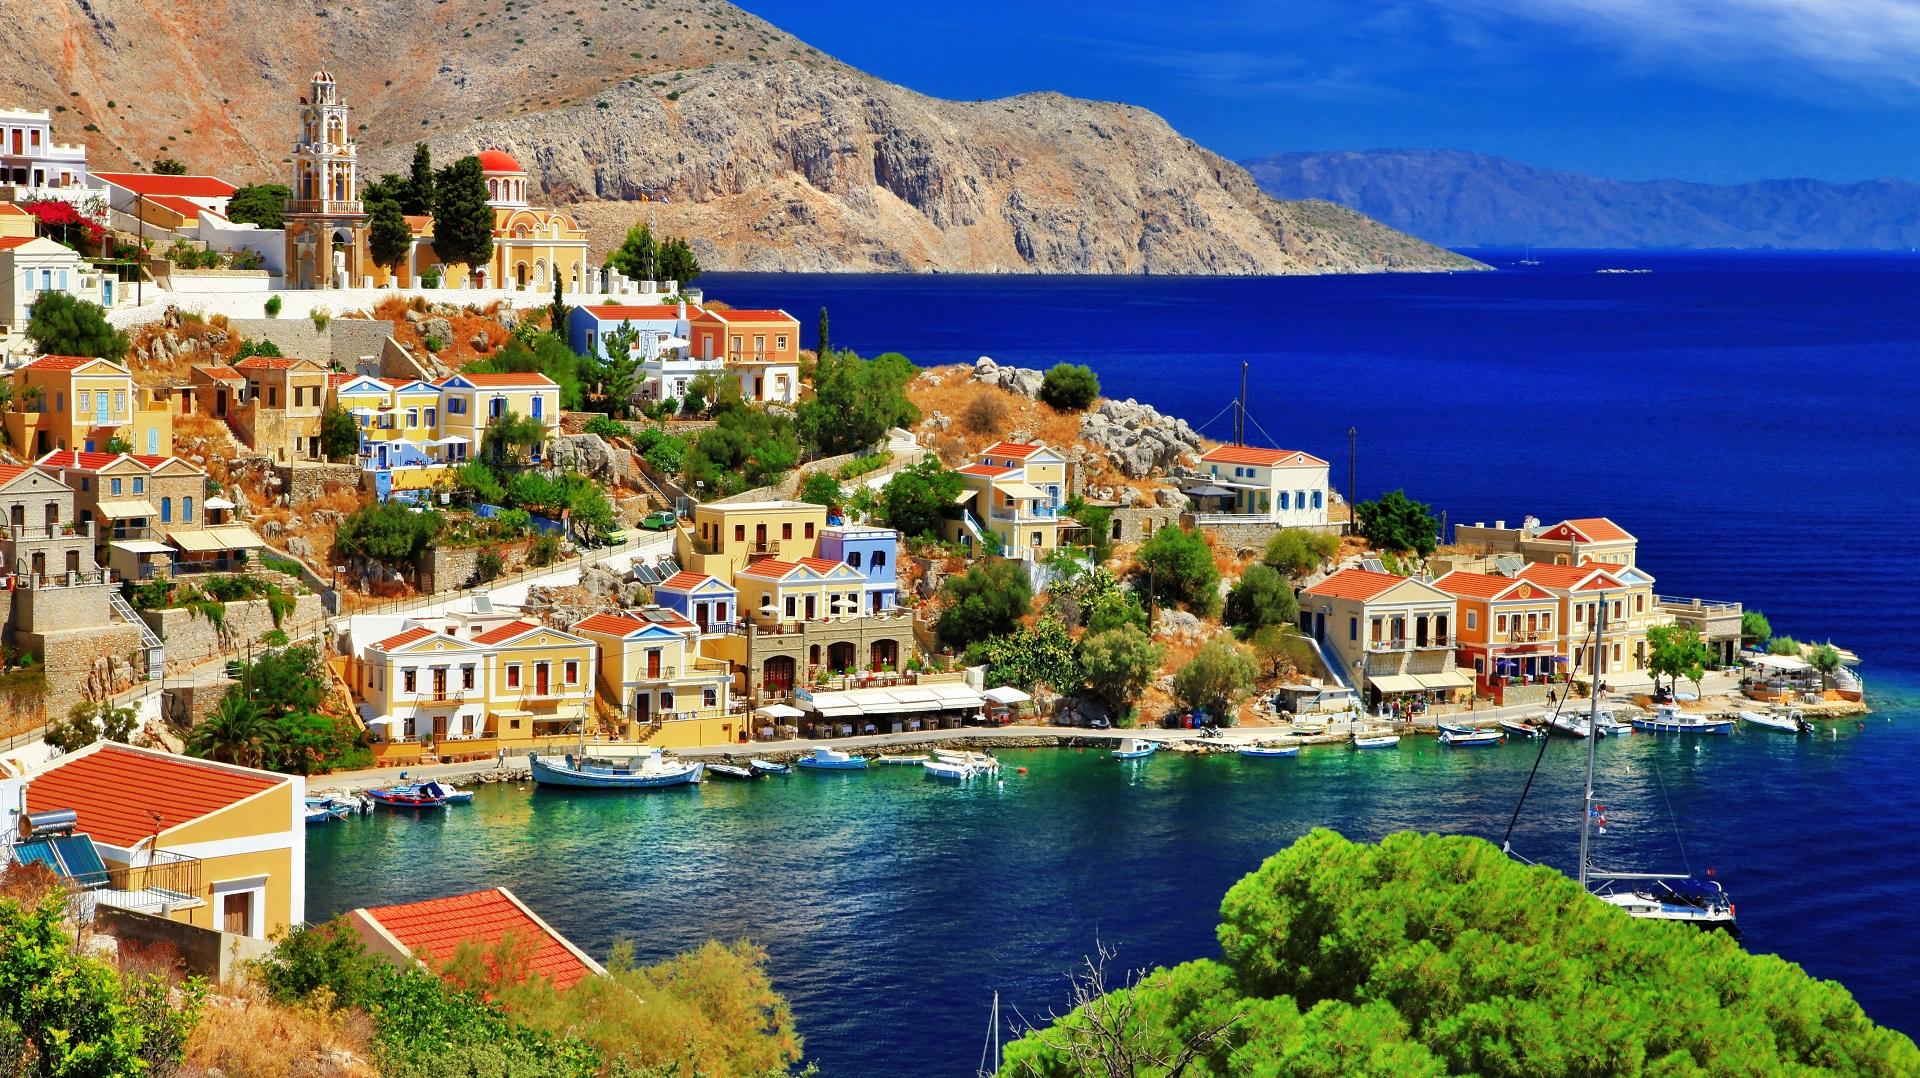 Een prachtige haven met mooie kleuren